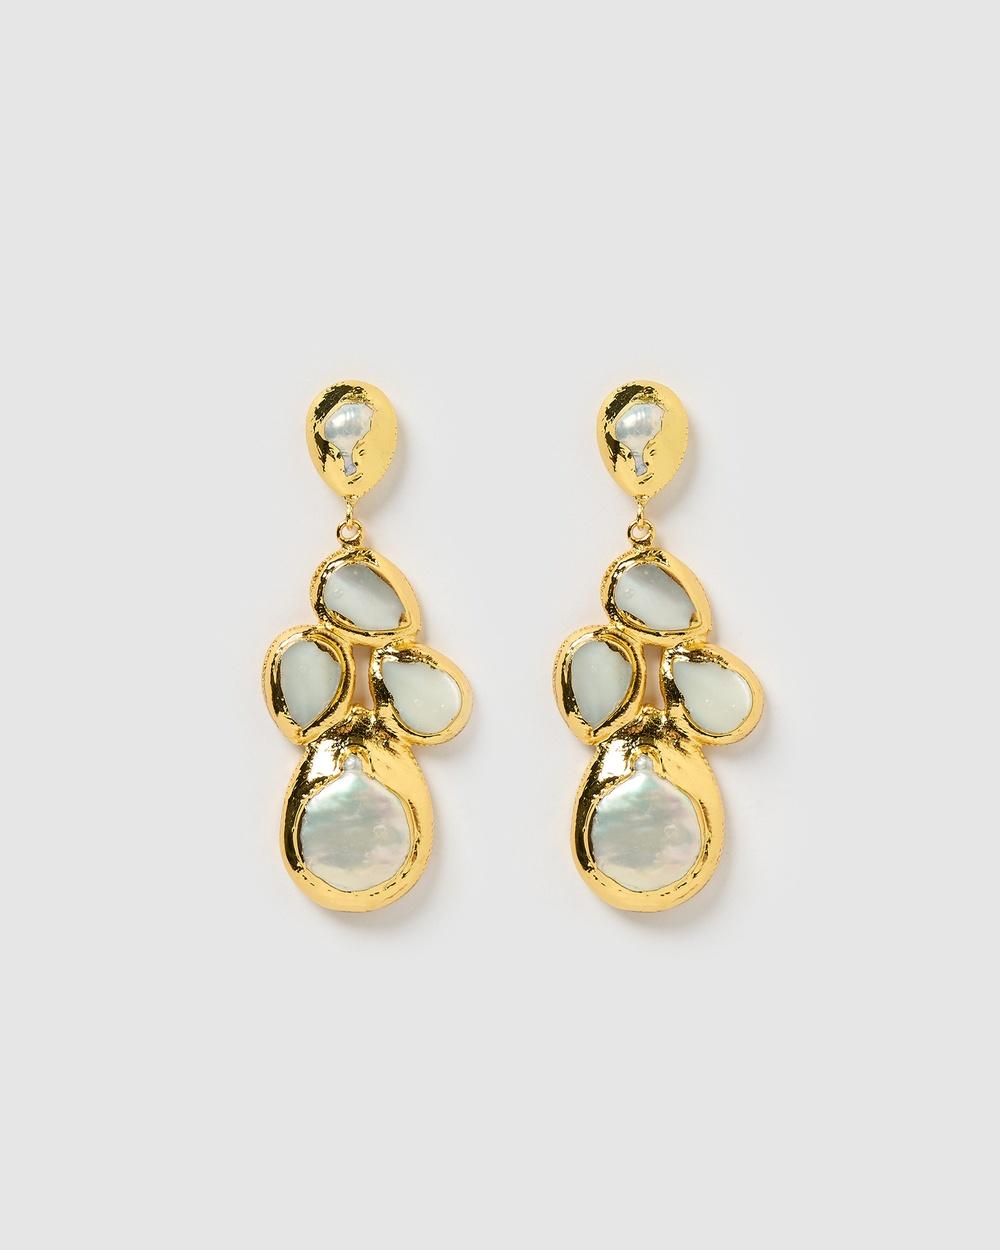 Miz Casa and Co Fleur Drop Earrings Jewellery Gold Pearl